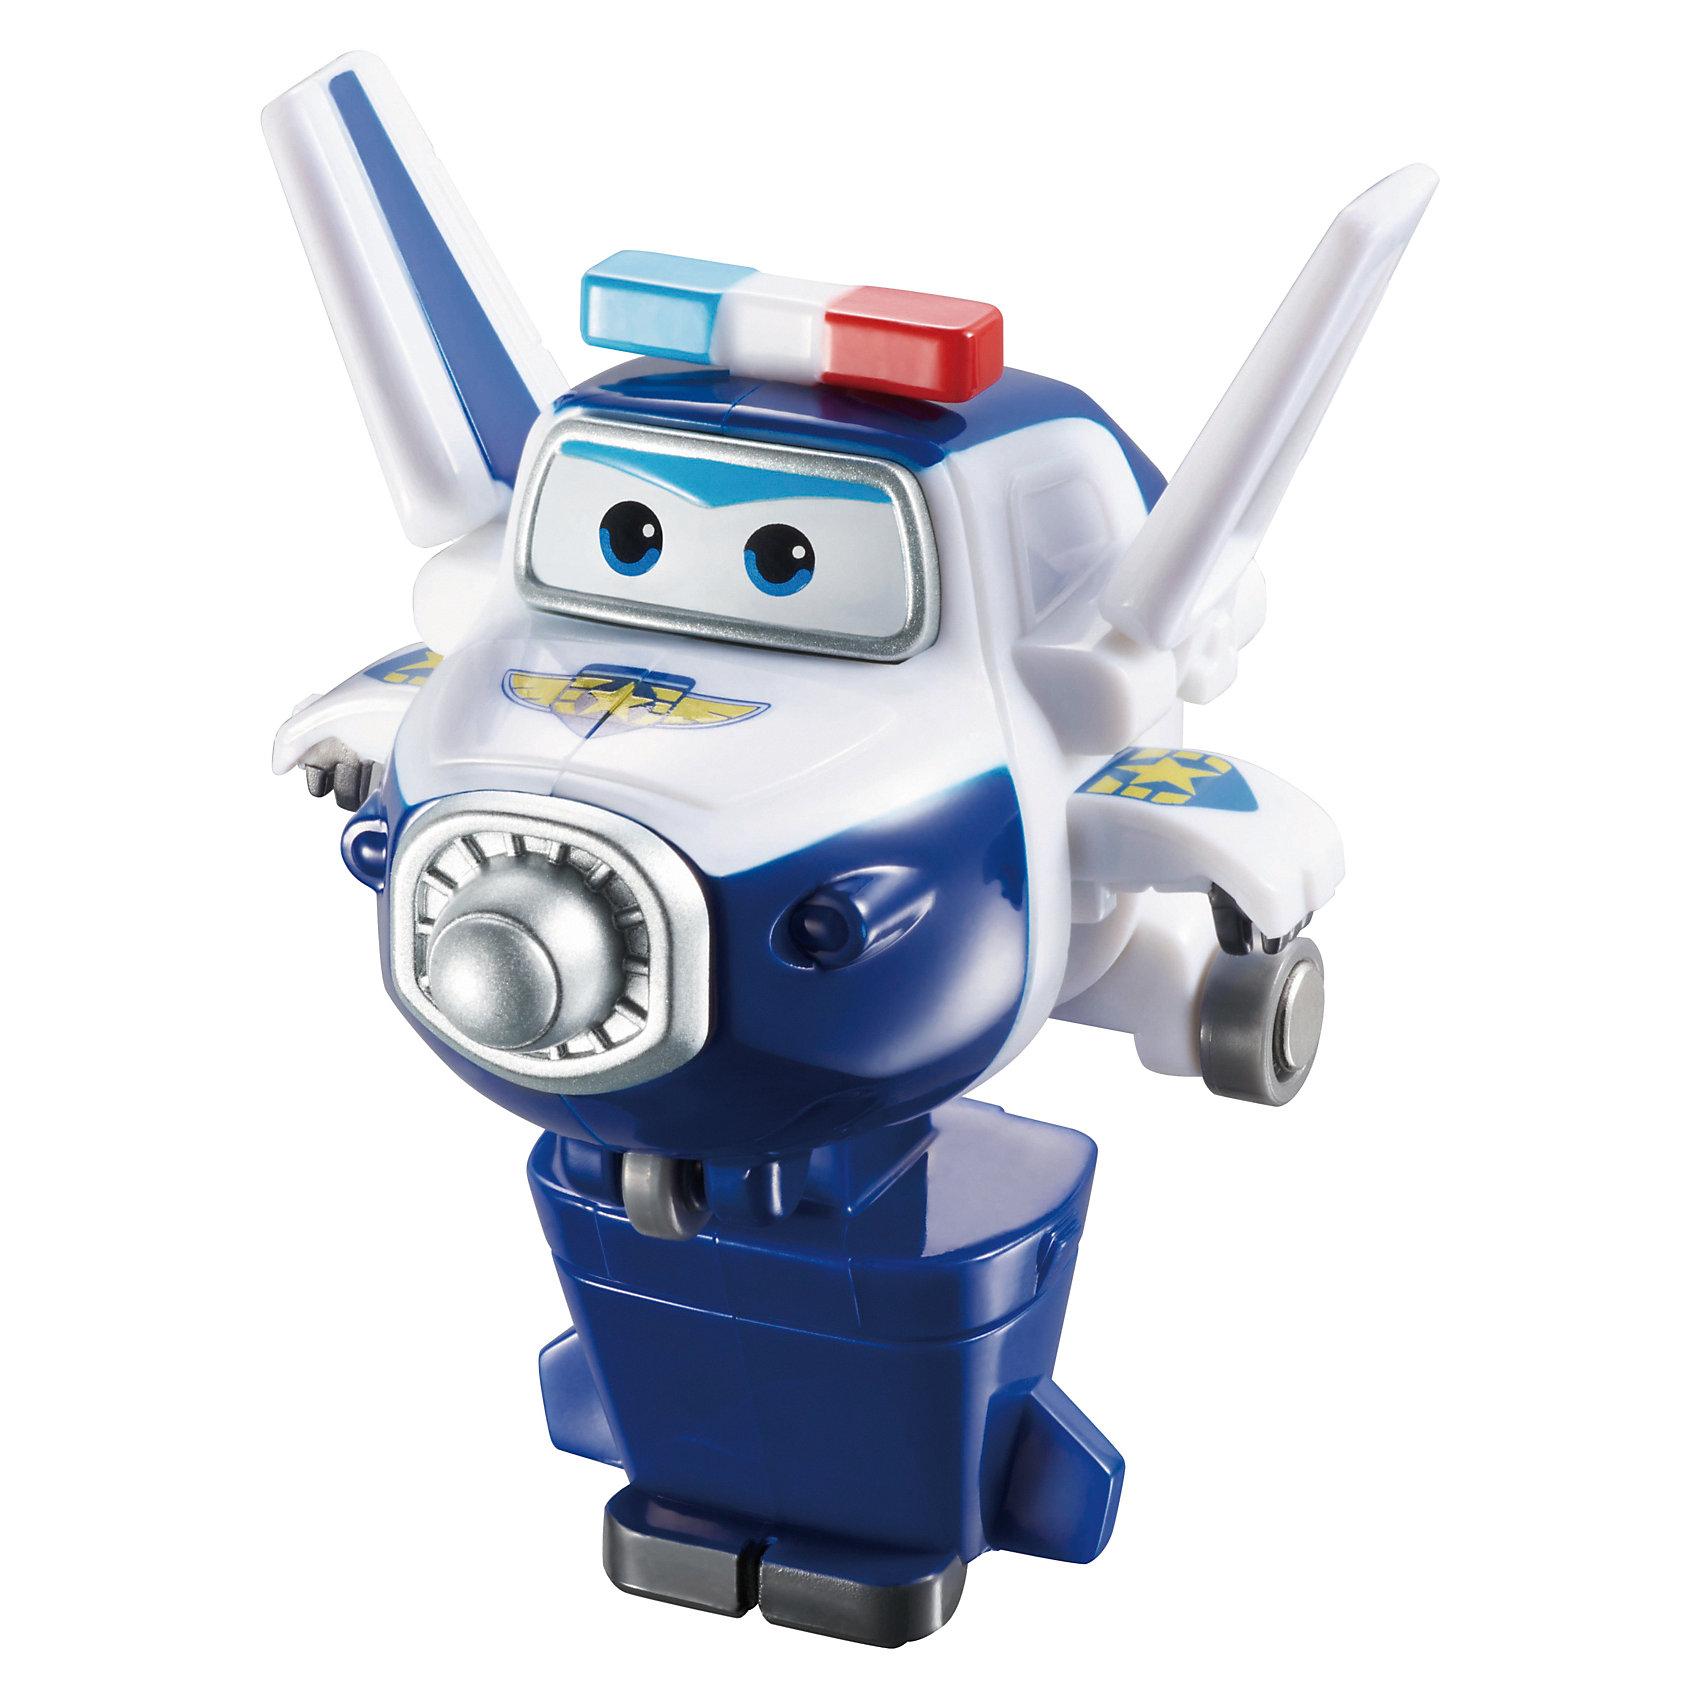 Мини-трансформер Пол, Супер КрыльяИграть с самолетами любит практически каждый ребенок. Сделать игру ярче и увлекательнее поможет герой популярного мультфильма Супер Крылья, любимого детьми. Игрушка всего за несколько мгновений трансформируется из самолета в робота. К нему можно также фигурки-трансформеры заказать друзей из этого мультфильма! Компактный размер позволит ребенку брать игрушку с собой в гости или на прогулку.                <br>Этот трансформер обязательно порадует ребенка! Игры с ним также помогают детям развивать воображение, логику, мелкую моторику и творческое мышление. Самолет сделан из качественных и безопасных для ребенка материалов.<br><br>Дополнительная информация:<br><br>цвет: разноцветный;<br>размер упаковки: 12 х 15 х 6 см;<br>вес: 300 г;<br>материал: пластик.<br><br>Игрушку Мини-трансформер Пол можно купить в нашем магазине.<br><br>Ширина мм: 120<br>Глубина мм: 155<br>Высота мм: 62<br>Вес г: 300<br>Возраст от месяцев: 36<br>Возраст до месяцев: 2147483647<br>Пол: Мужской<br>Возраст: Детский<br>SKU: 4918775